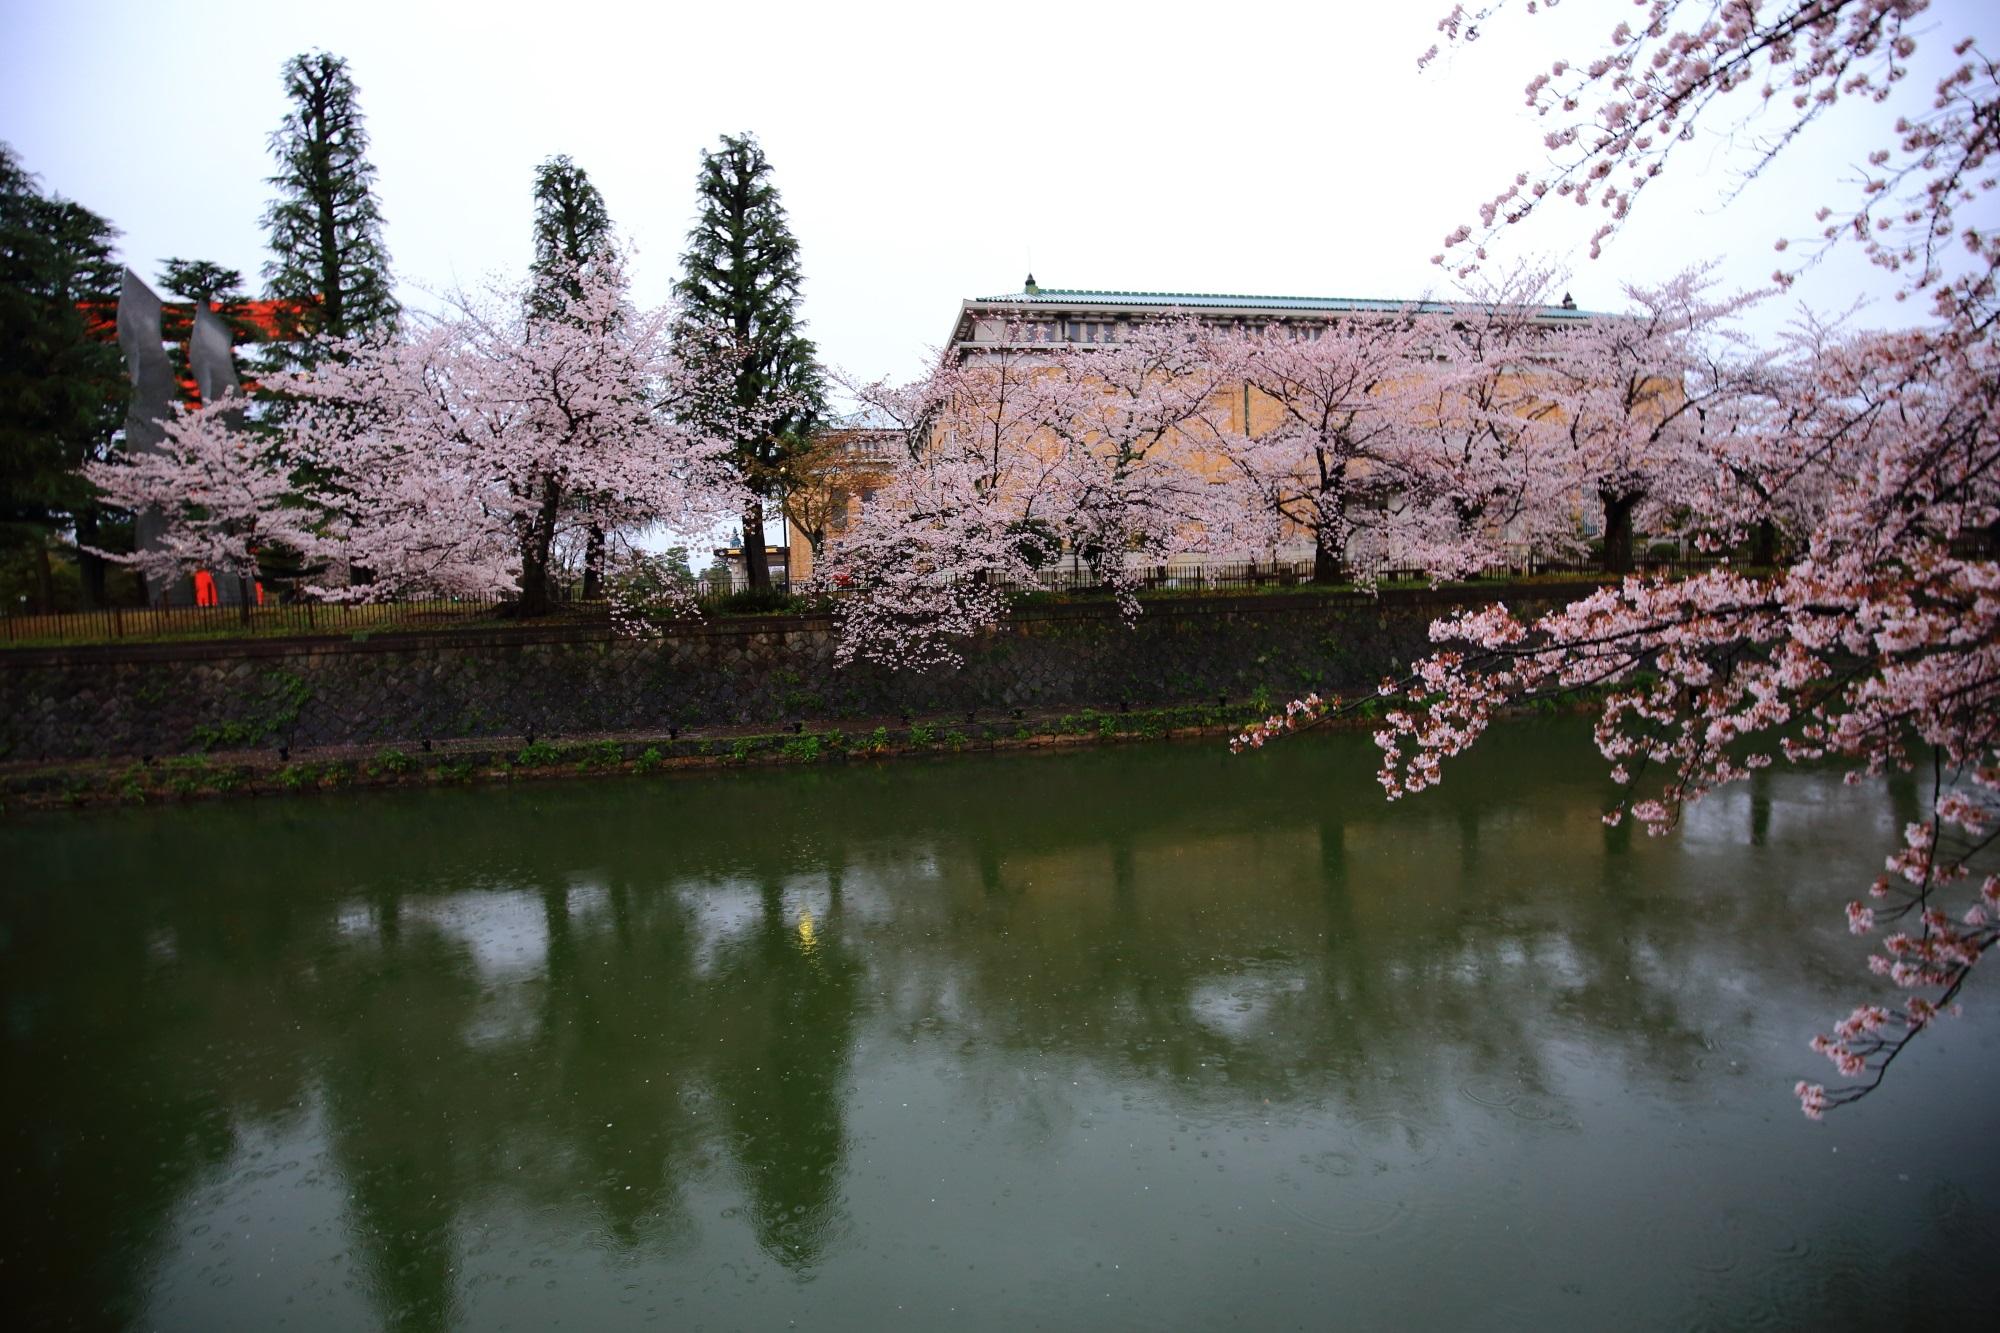 桜の名所の岡崎疏水と京都市美術館の桜